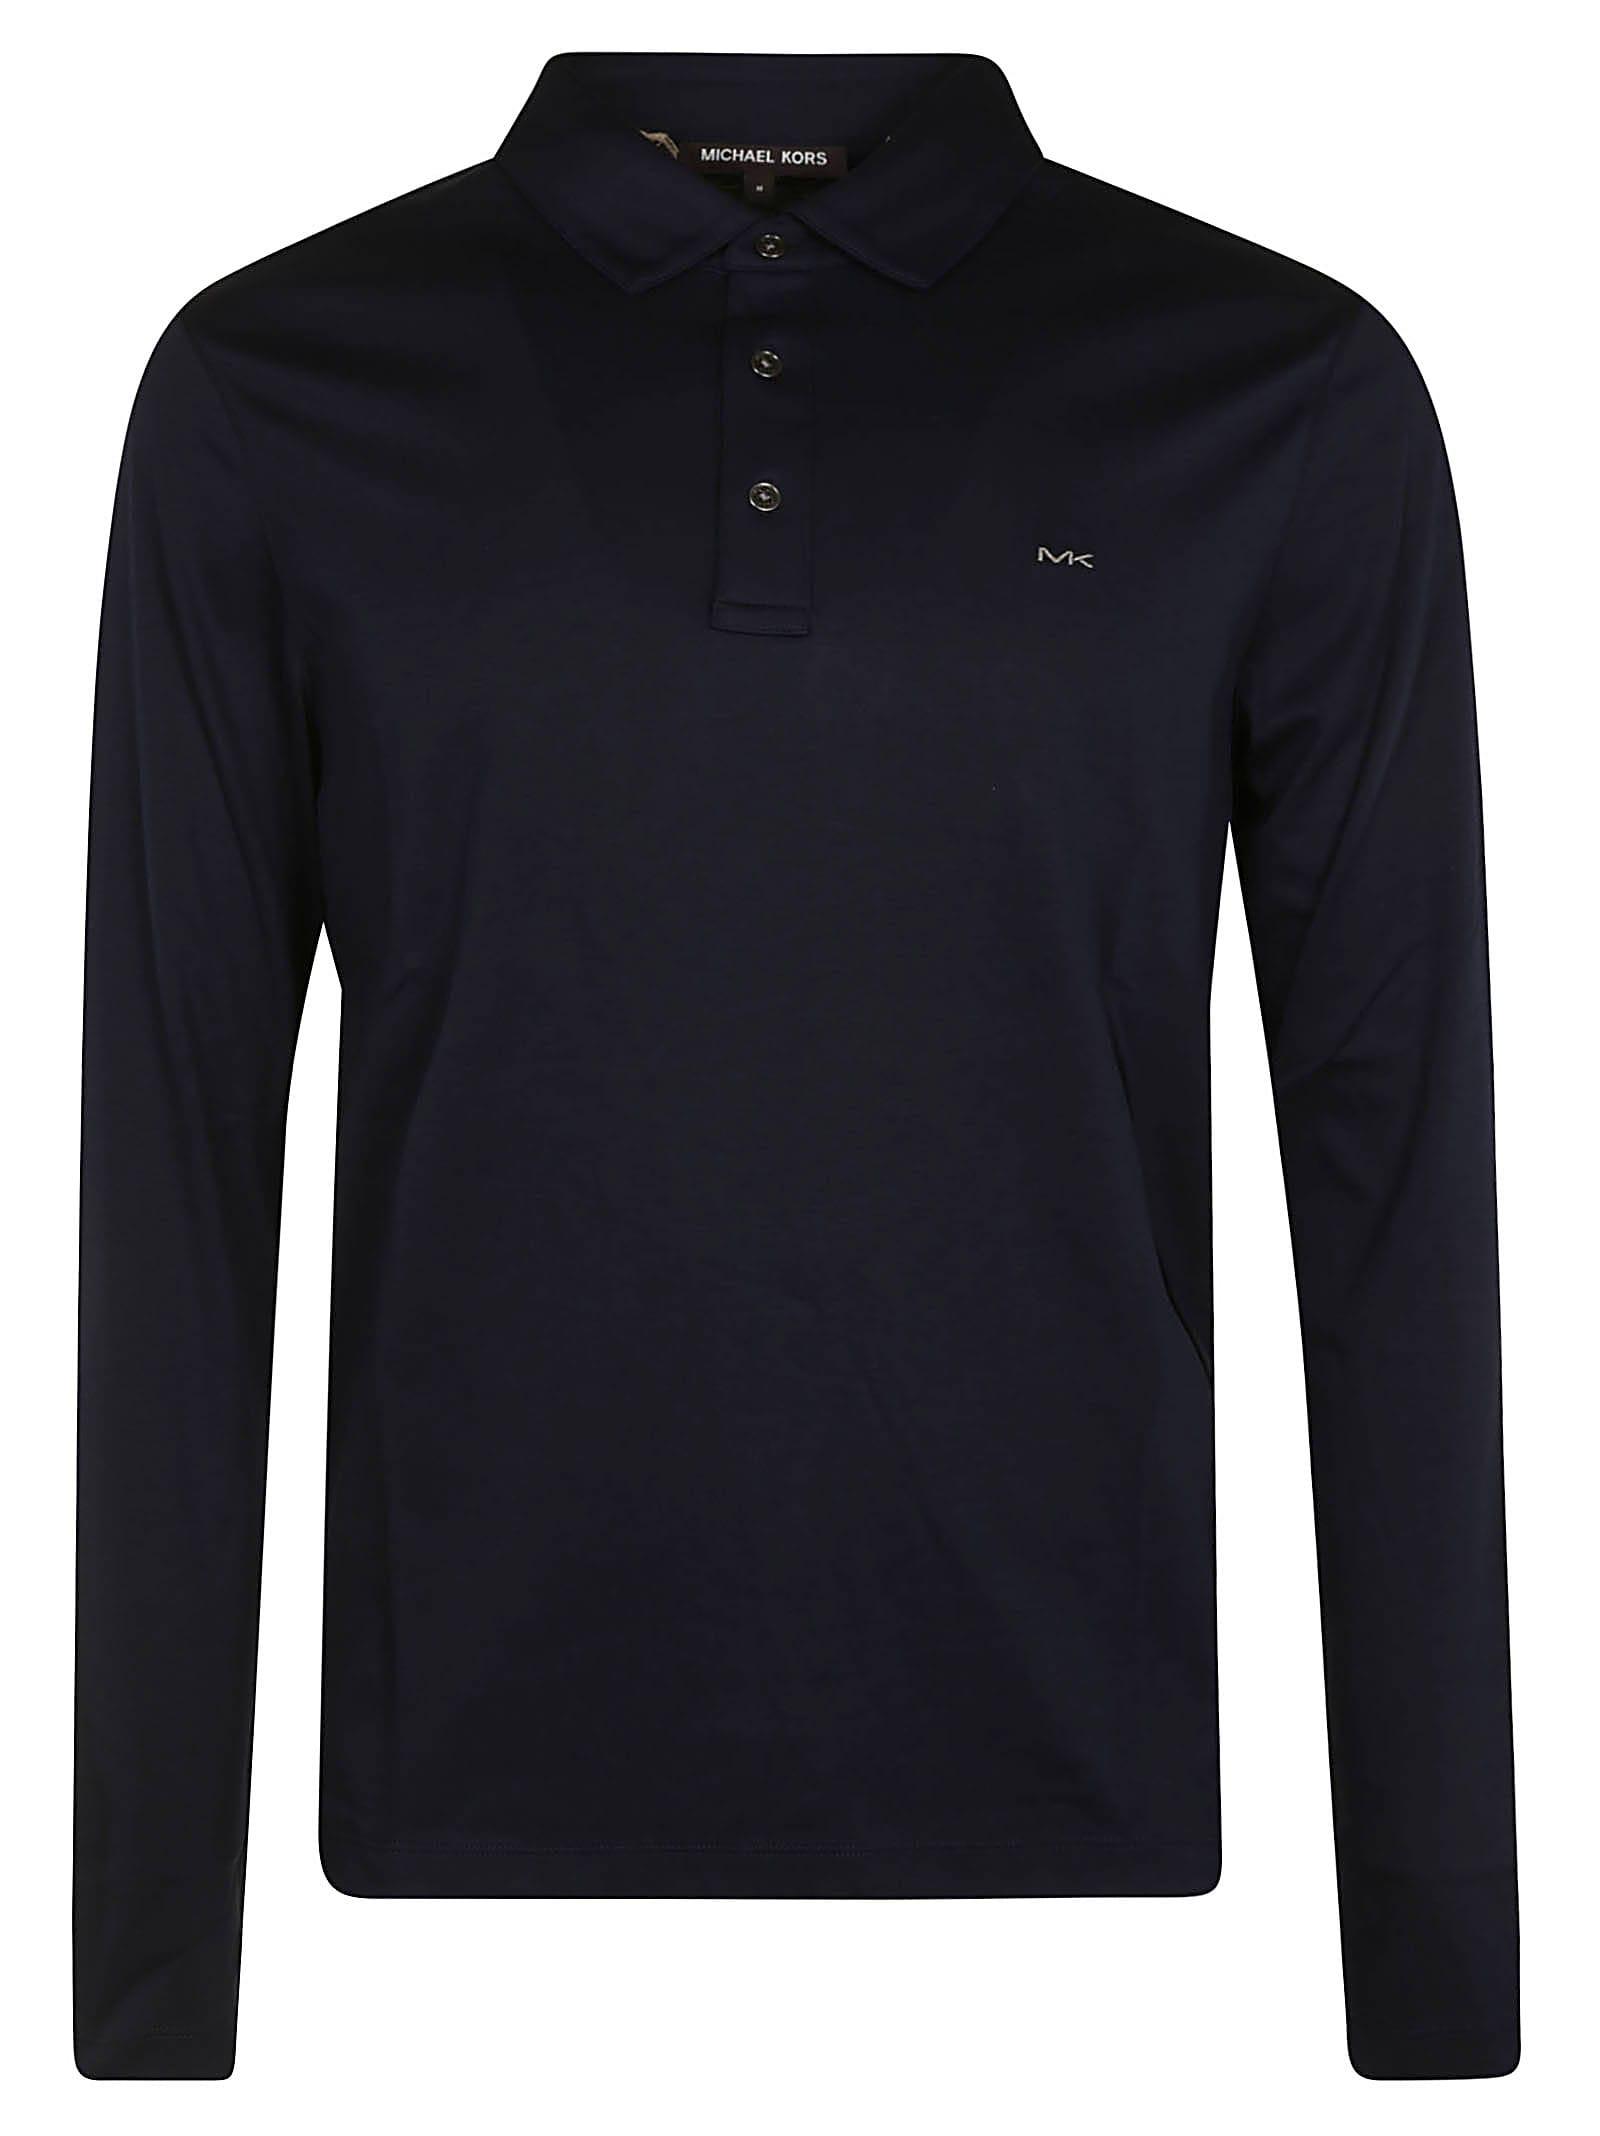 Michael Kors Chest Logo Longsleeved Polo Shirt